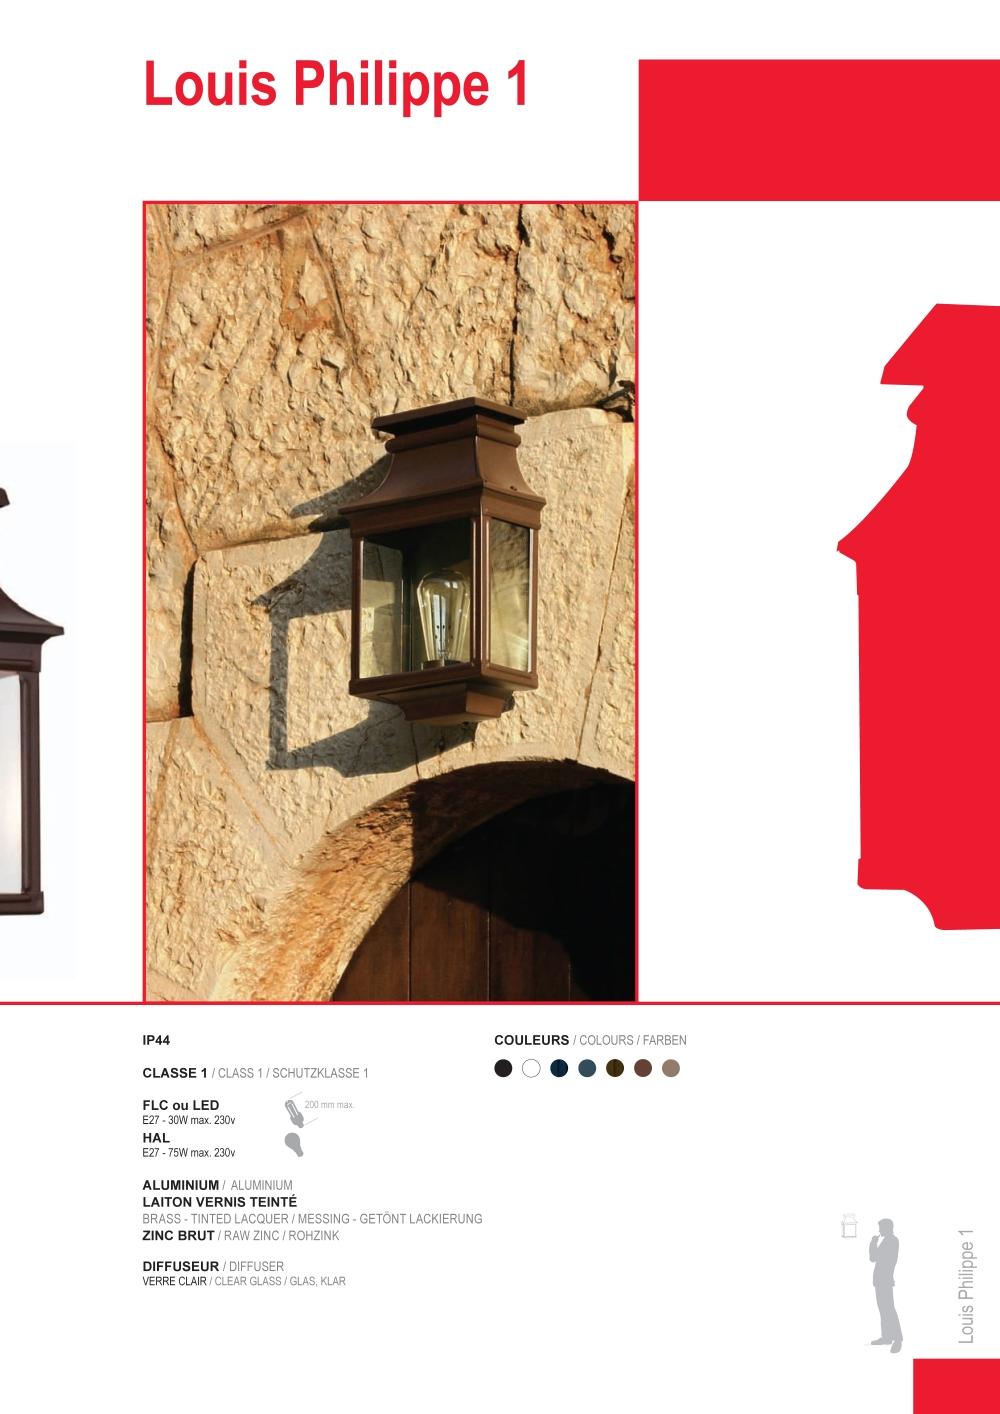 Außenleuchten Landhausstil mediterrane außenleuchten landhausstil roger pradier